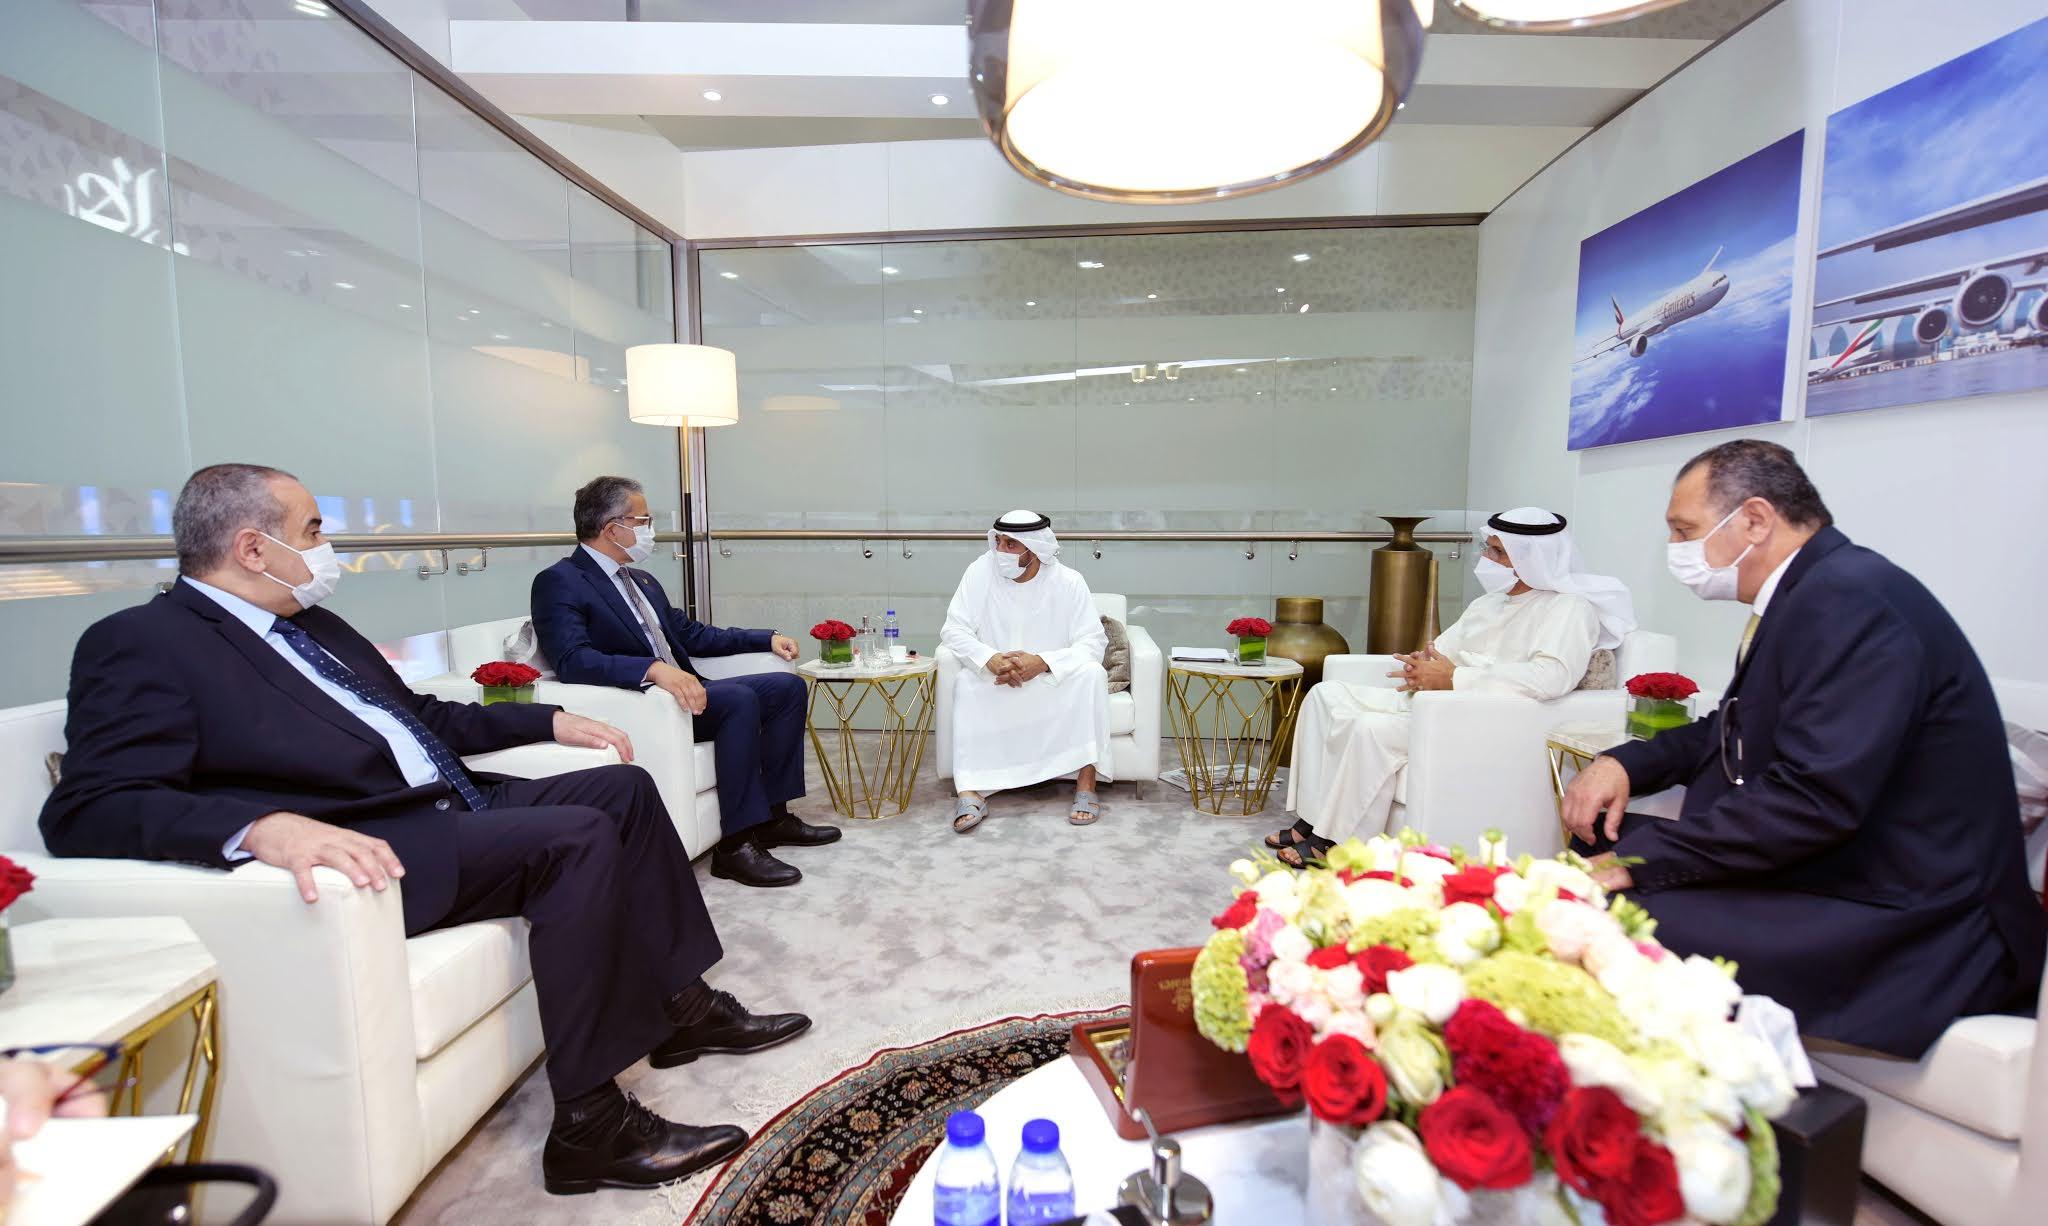 أحمد بن سعيد يستقبل وفداً مصرياً في سوق السفر العربي 2021 بدبي